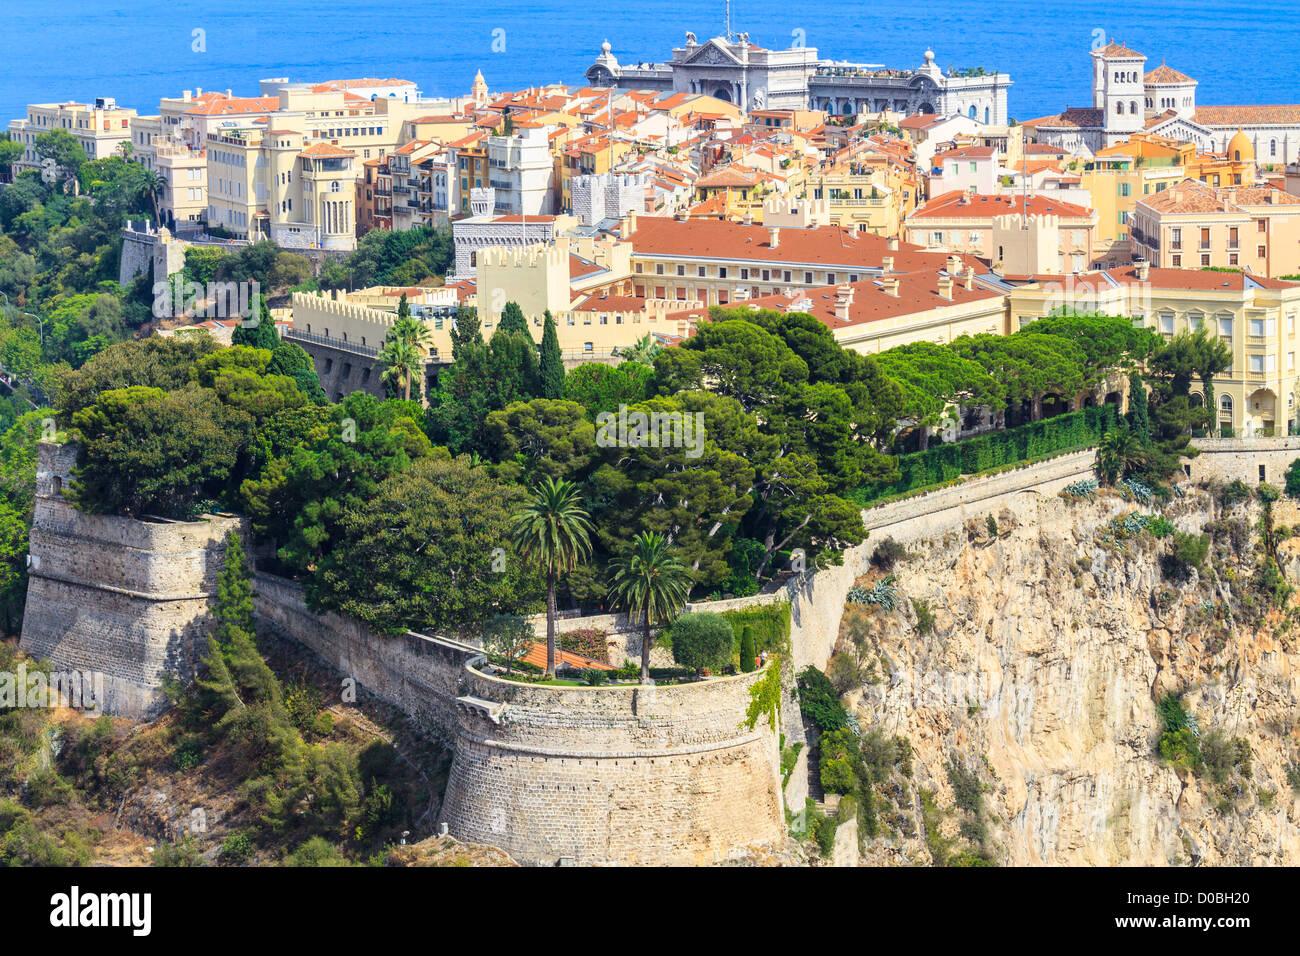 Vista panoramica di Monaco con palace (Chateau Grimaldi), la città vecchia, la cattedrale e il Museo Oceanografico Immagini Stock